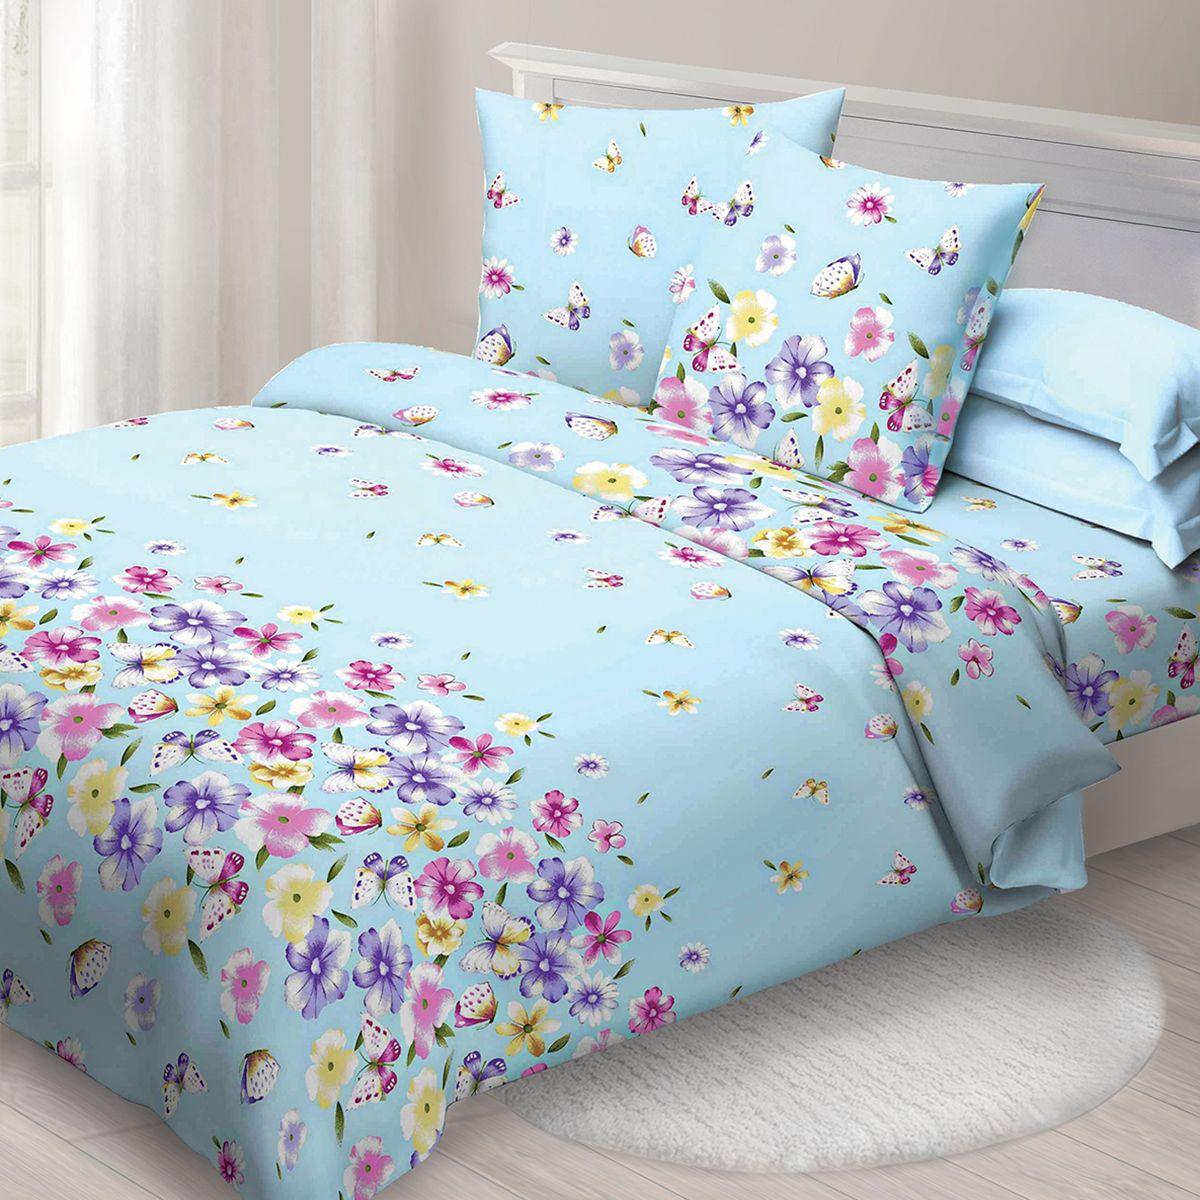 Комплект белья Спал Спалыч Летний день, 1,5 спальное, наволочки 70x70, цвет: голубой. 1271-182446